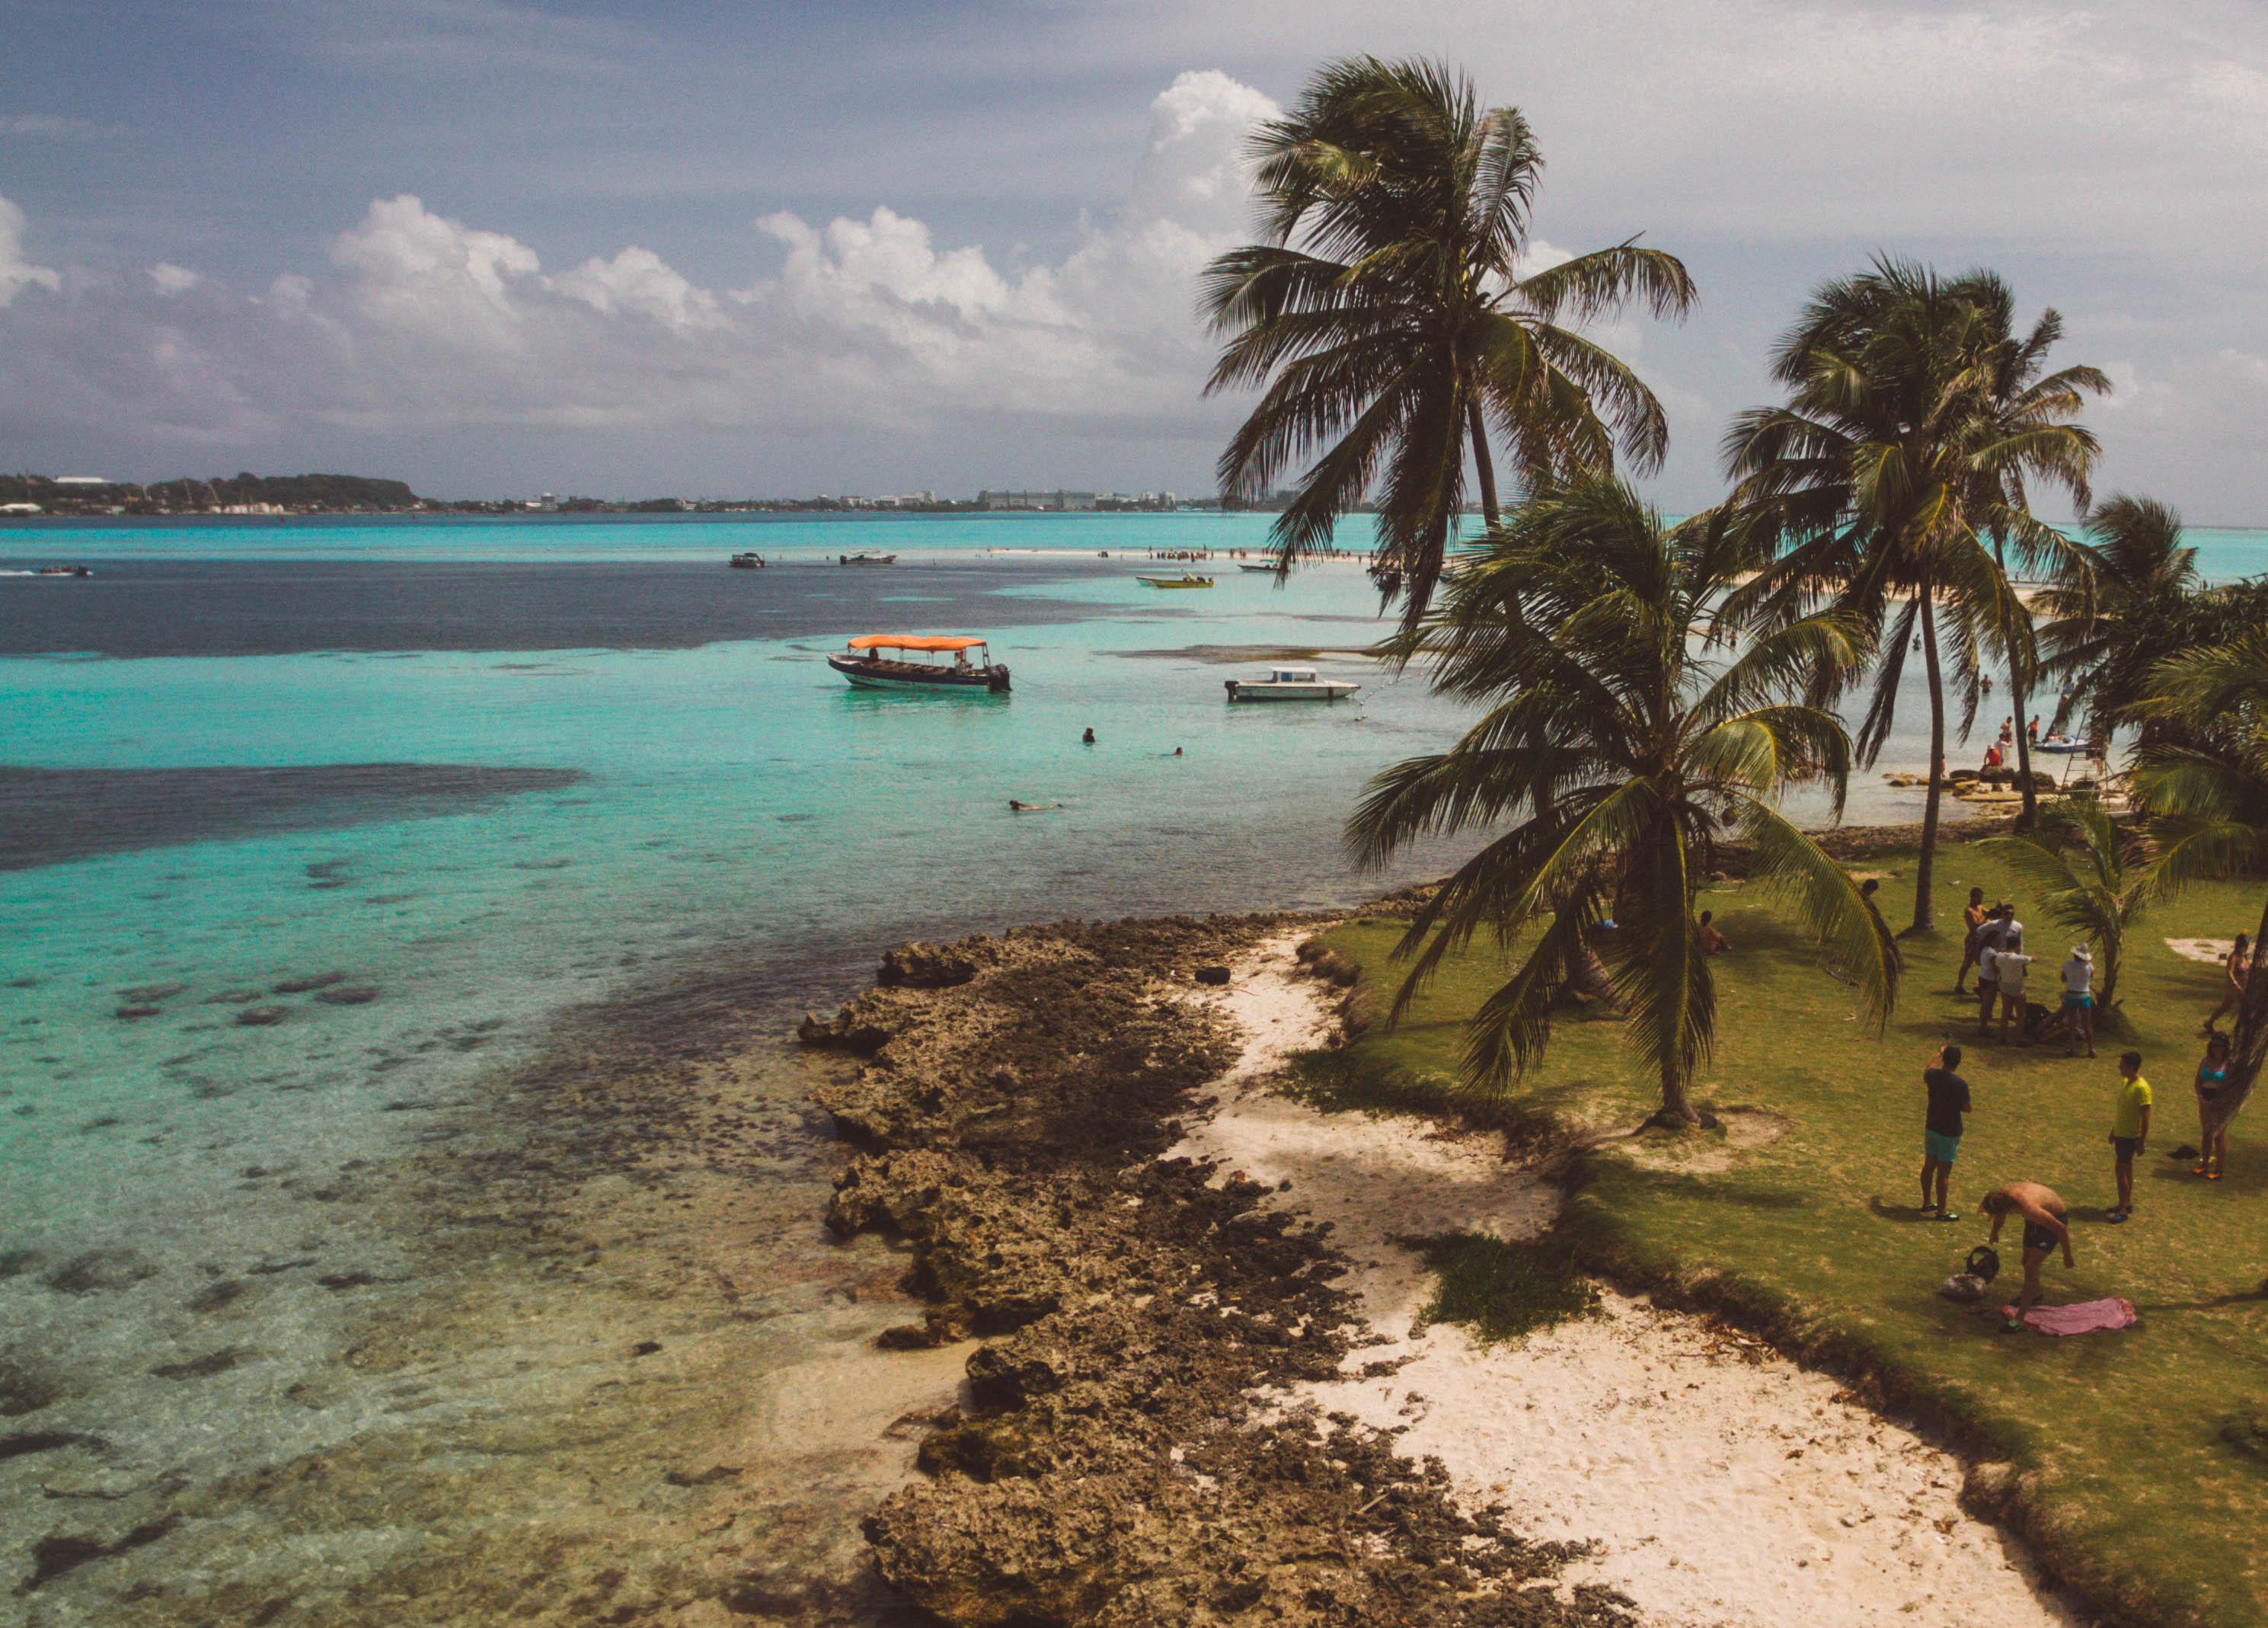 ilha haneys cay